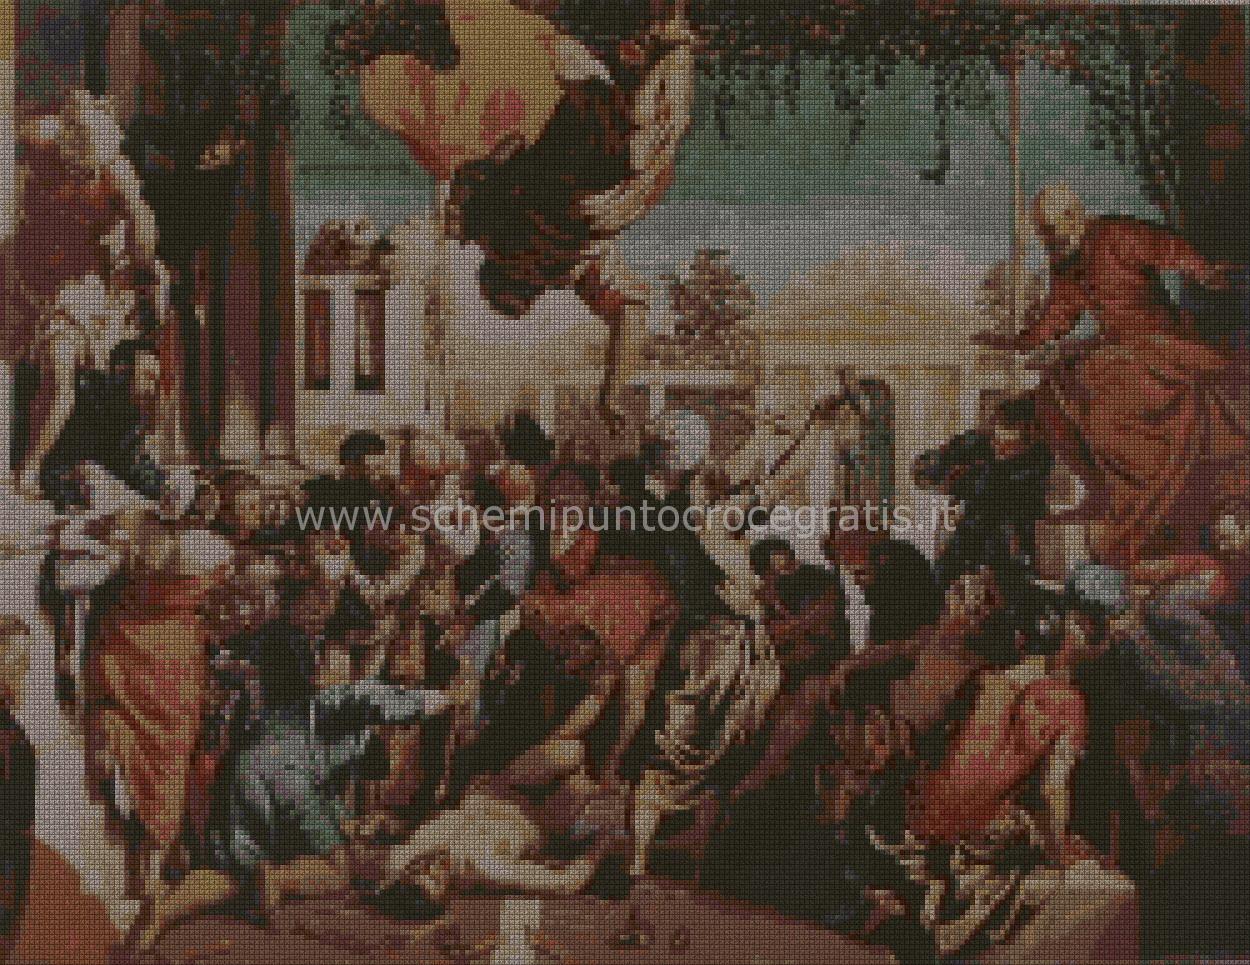 pittori_classici/tintoretto/tintoretto_03s.jpg